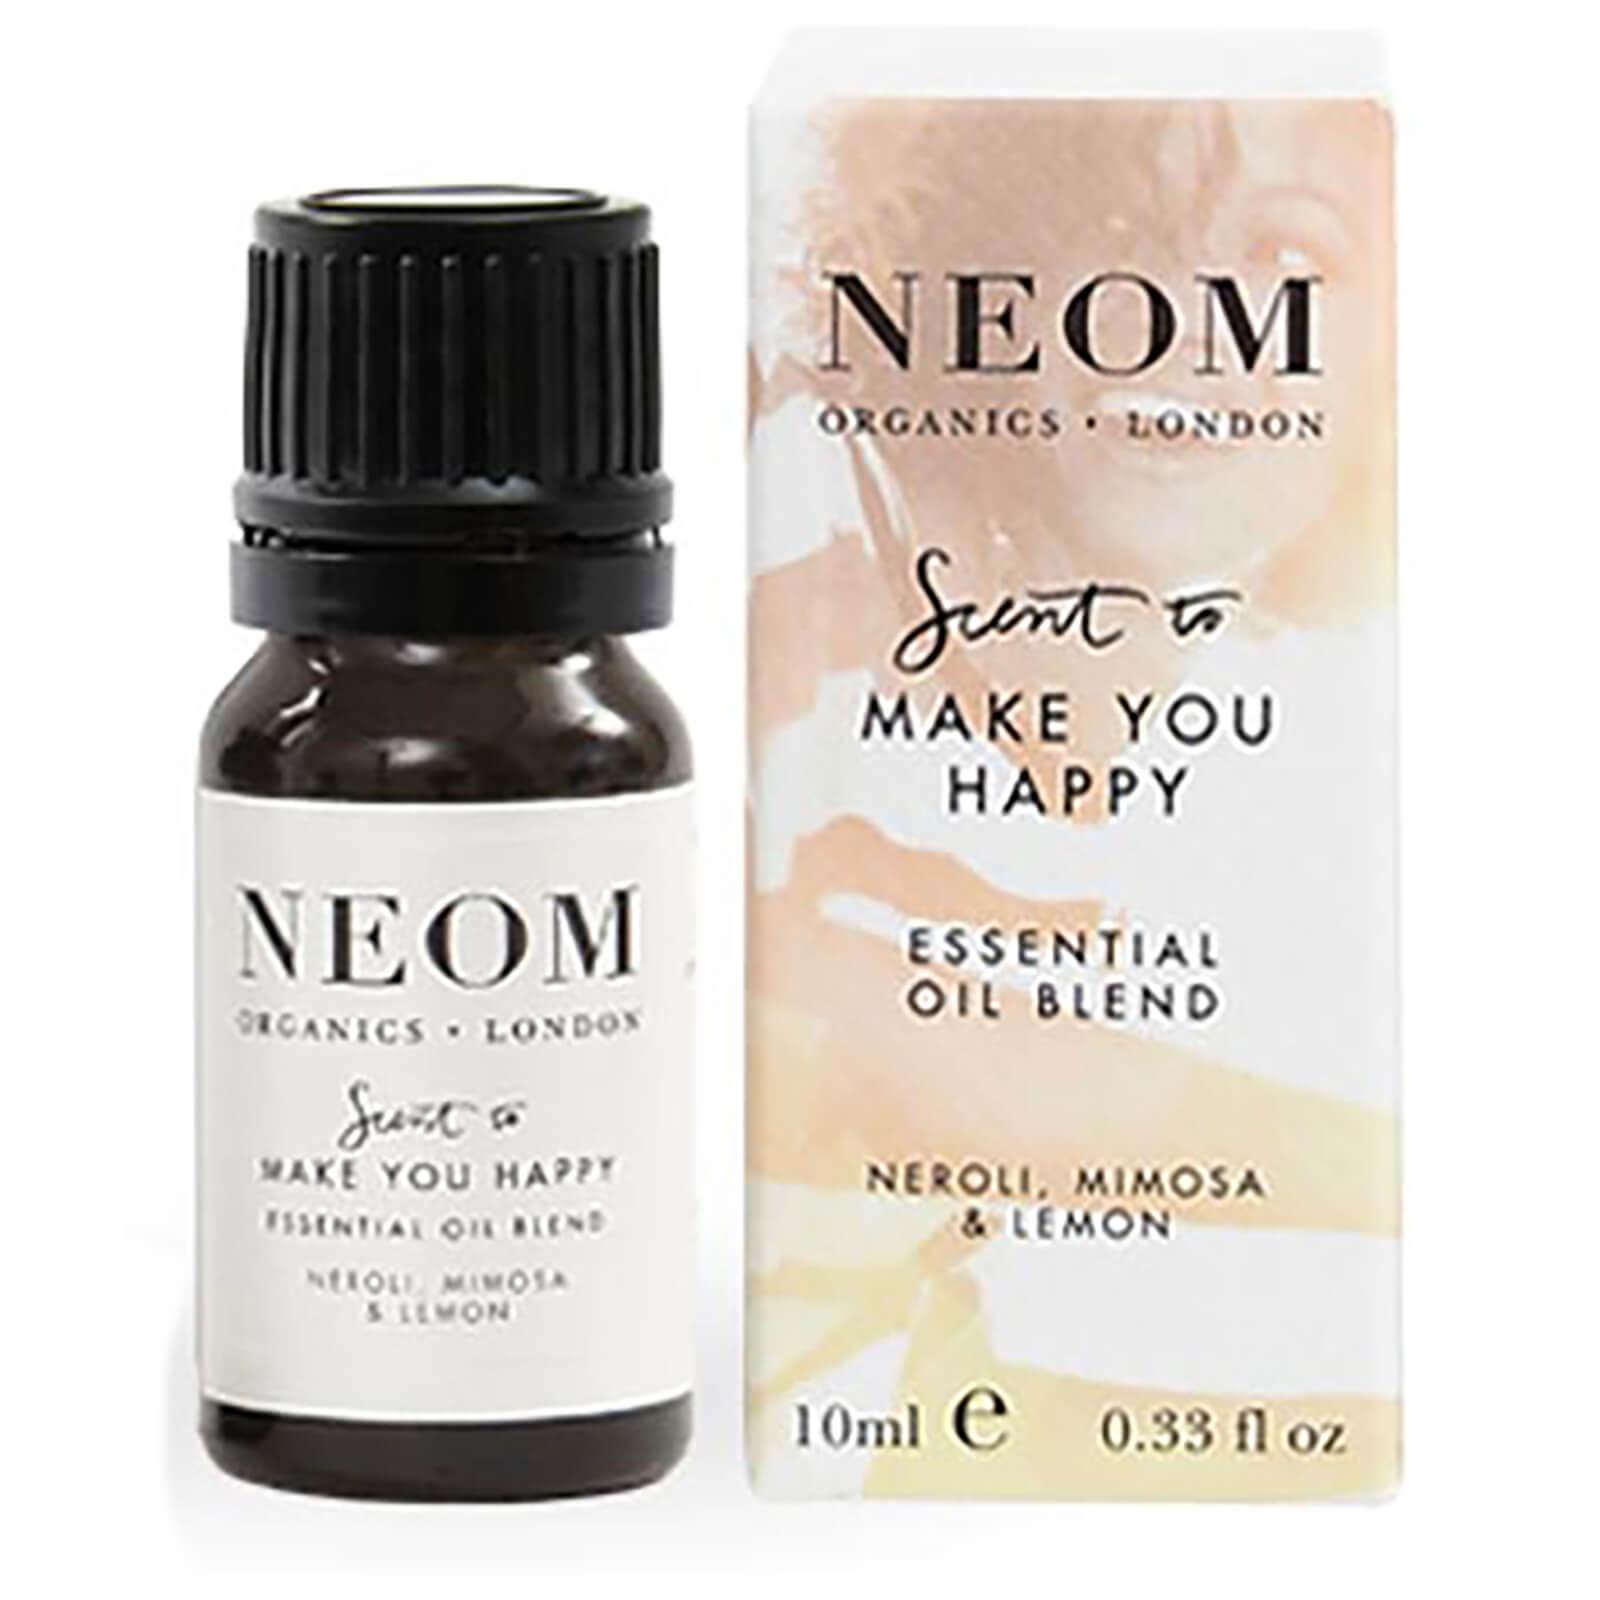 ... Happy Essential Oil Blend 10ml. Description